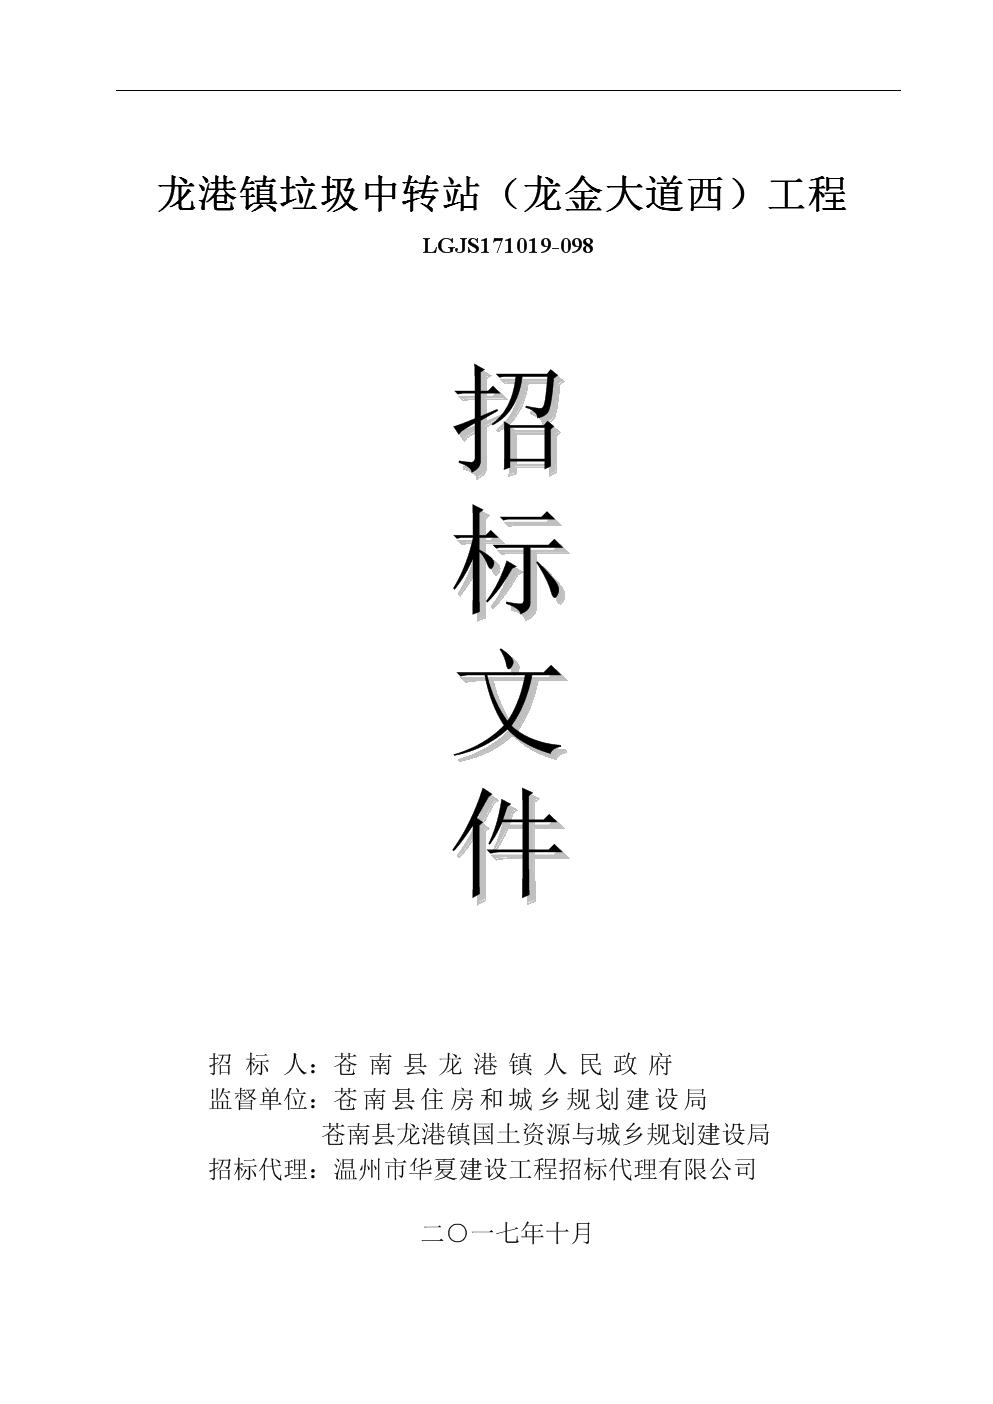 龙港镇垃圾中站(龙金大道西)工程.doc